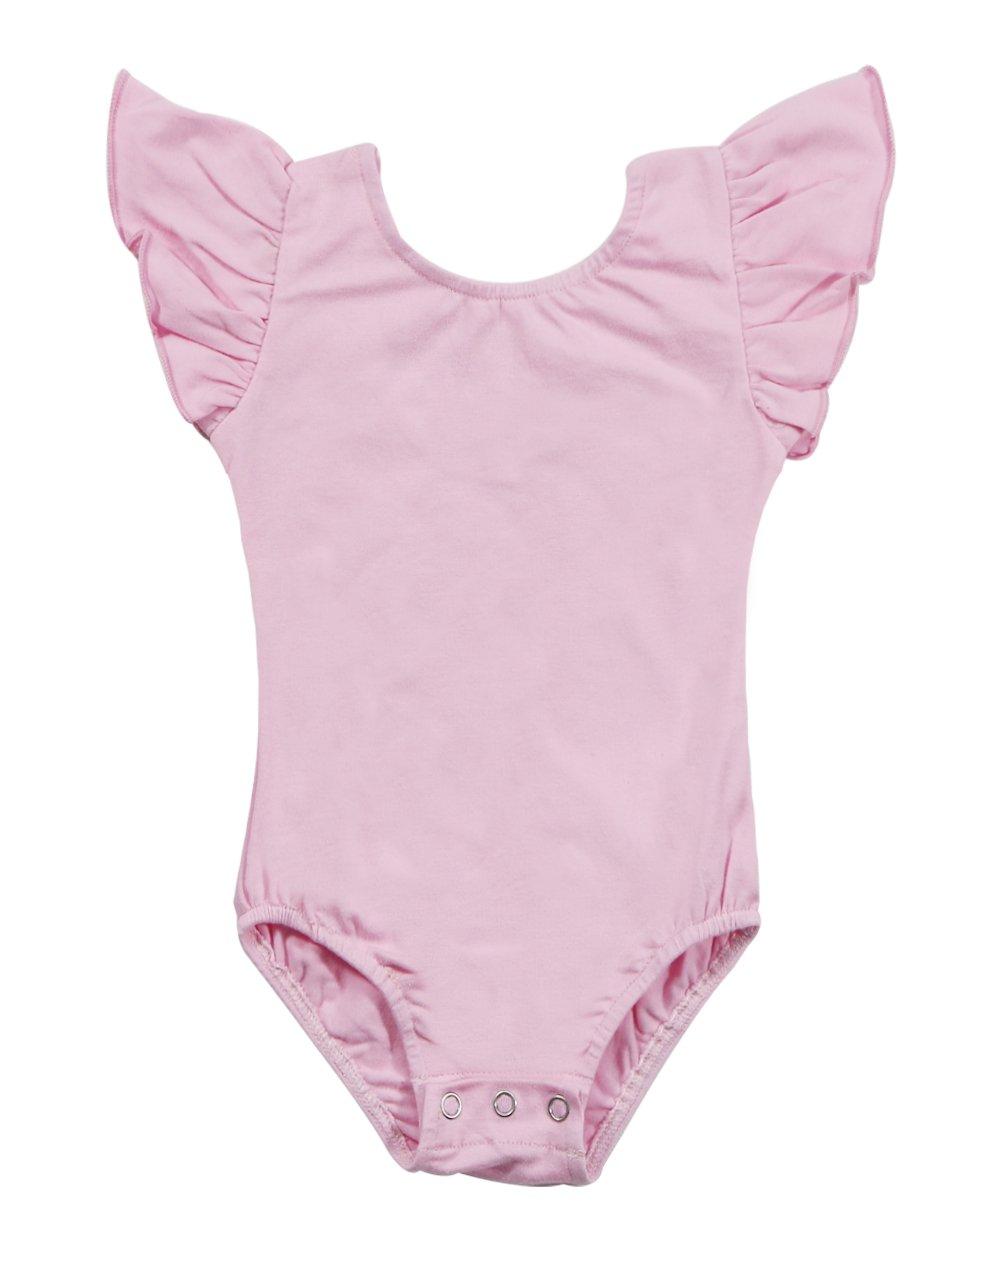 Newborn Baby Girls Flutter Sleeve One-Piece Romper